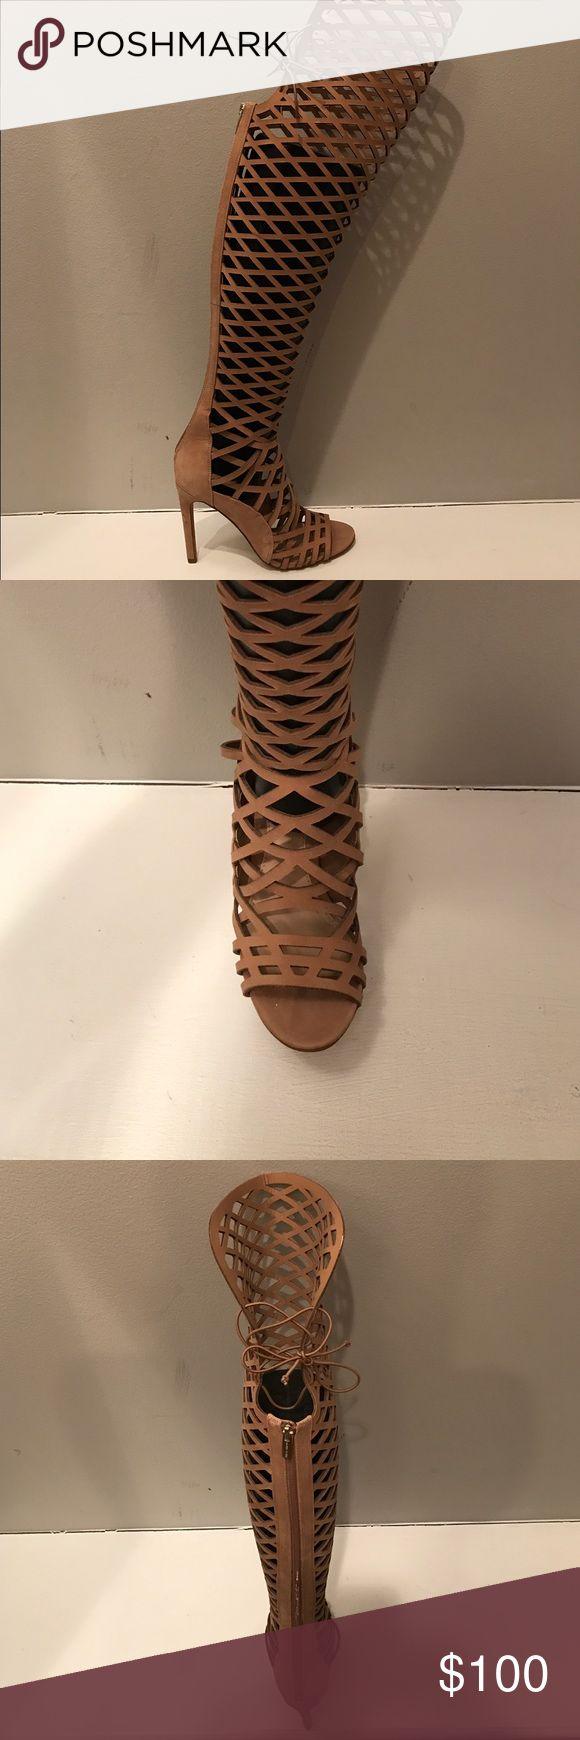 Vince Camuto Keliana knee high cage heel sandal in tan suede. FIERCE shoe! Vince Camuto Shoes Heels